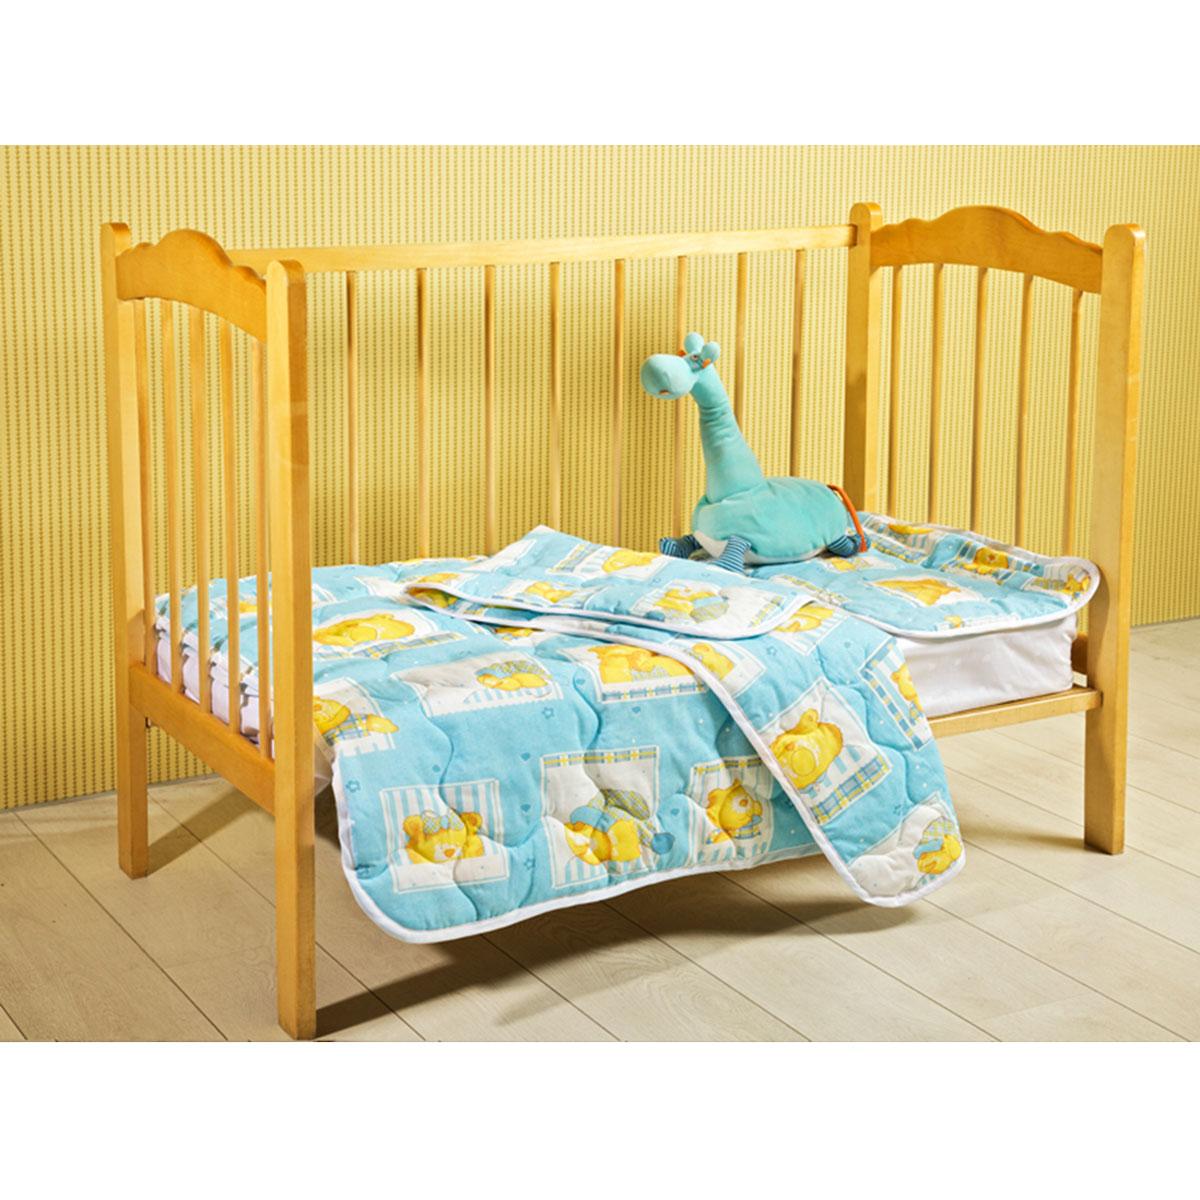 """Детское стеганое одеяло Primavelle """"Fani"""" изготовлено из натурального хлопка. Такое одеяло будет бережно хранить безмятежный сон вашего ребенка. Наполнитель одеяла состоит из экофайбера. Легкие и теплые изделия с этим наполнителем не вызывают аллергии, легко стираются, быстро высыхают и сохраняют свои свойства после длительной эксплуатации. Одеяло с таким наполнителем - это атрибут здорового сна и полноценного отдыха! Детское одеяло Primavelle """"Fani"""" - лучший выбор для тех, кто стремится проявить заботу о своем ребенке."""